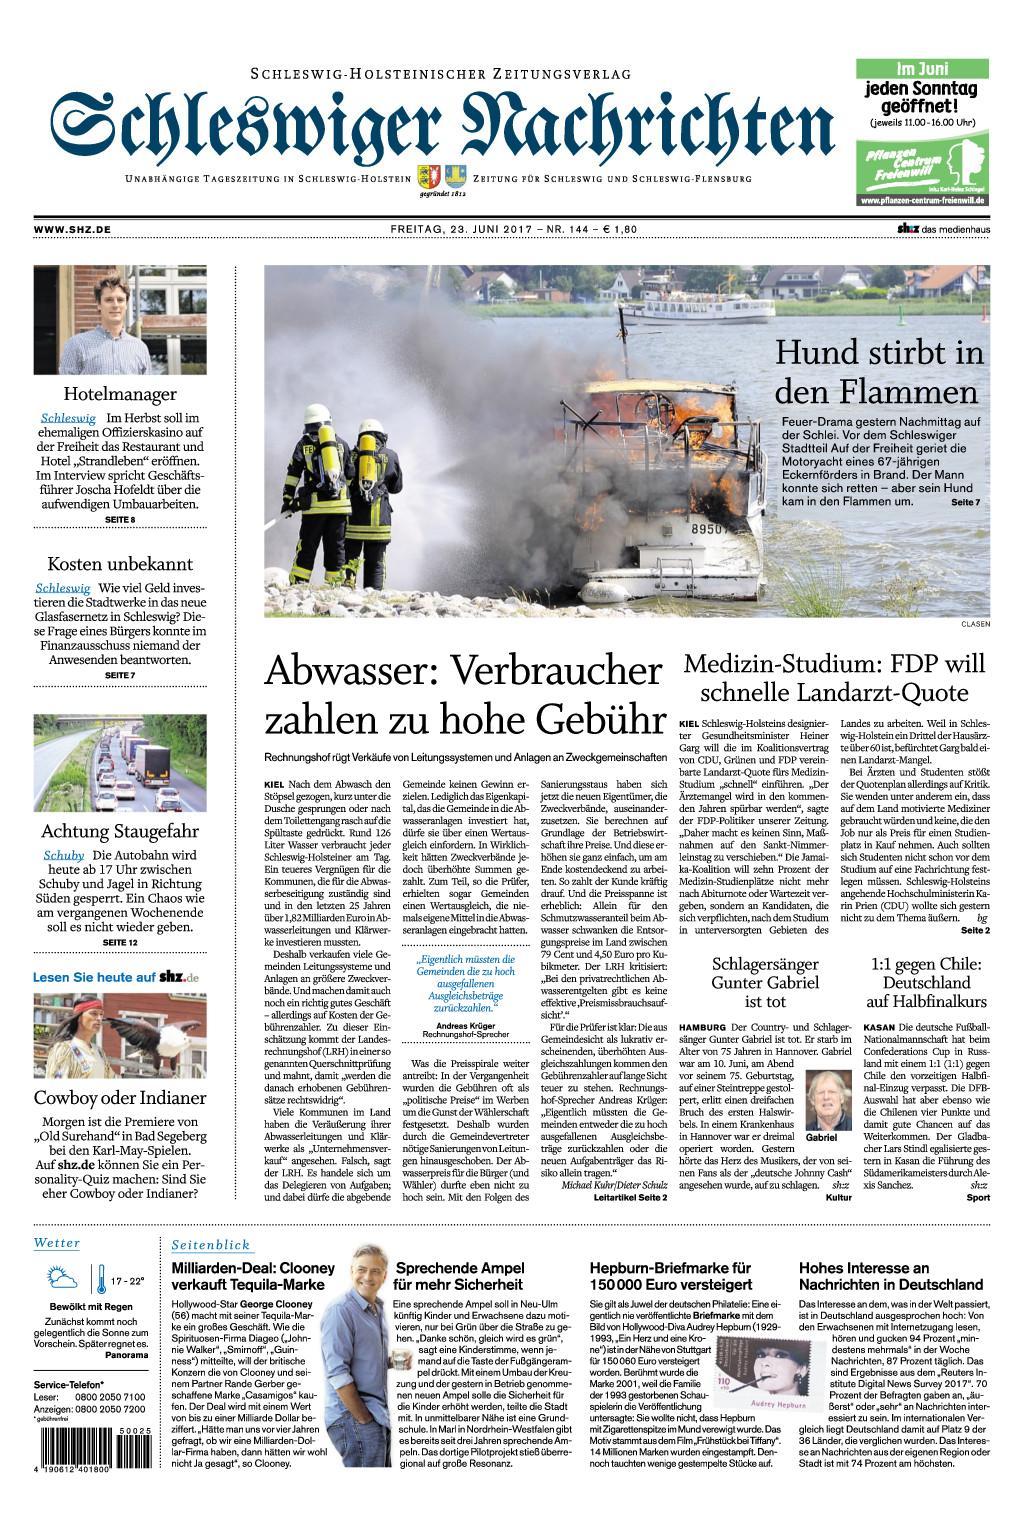 Schleswiger Nachrichten 23 Juni 2017